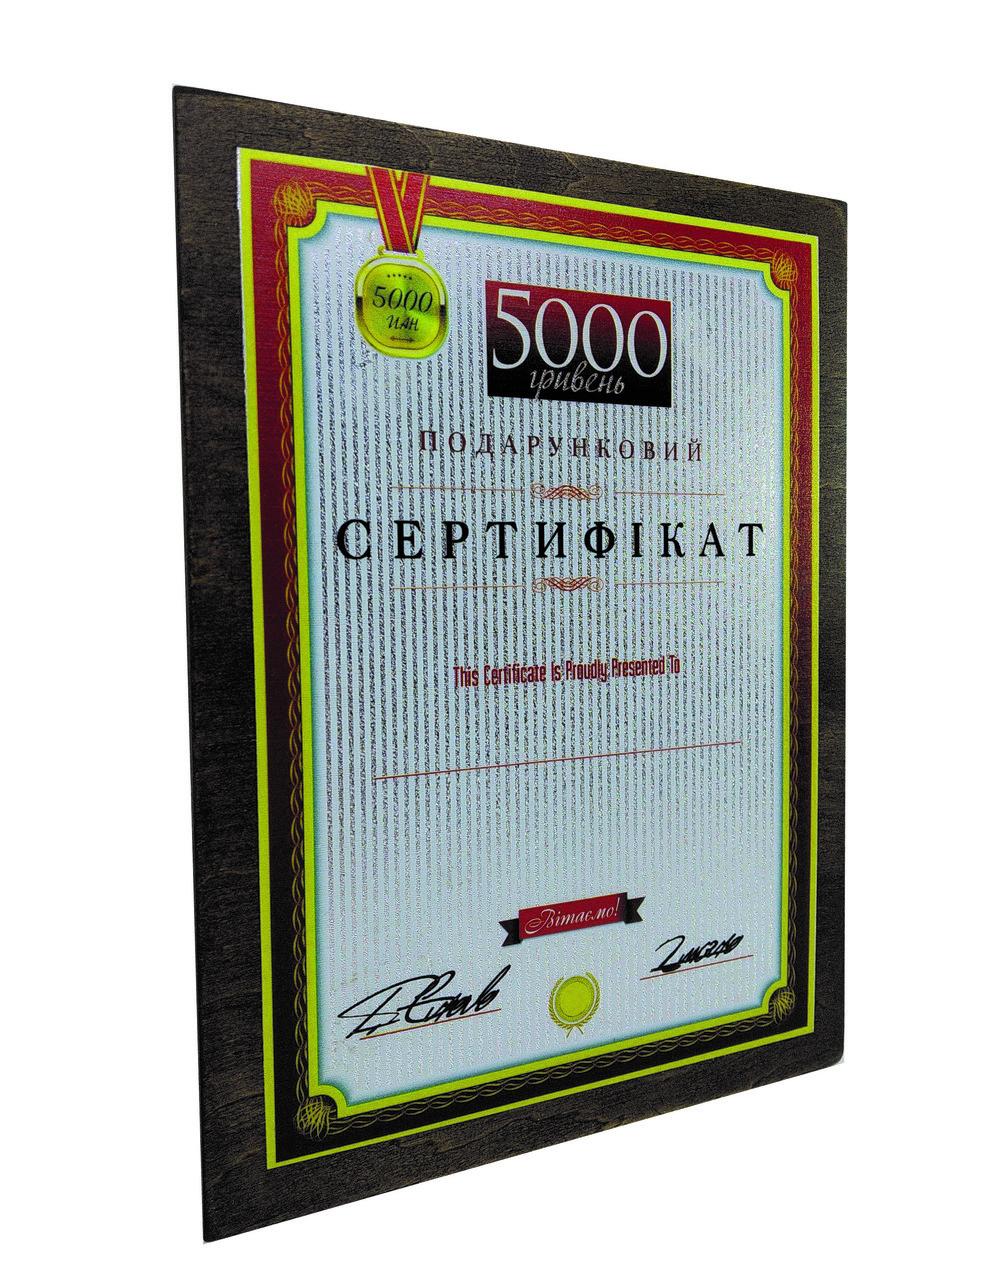 Сертификат денежный, призовой 30*20см на дереве.